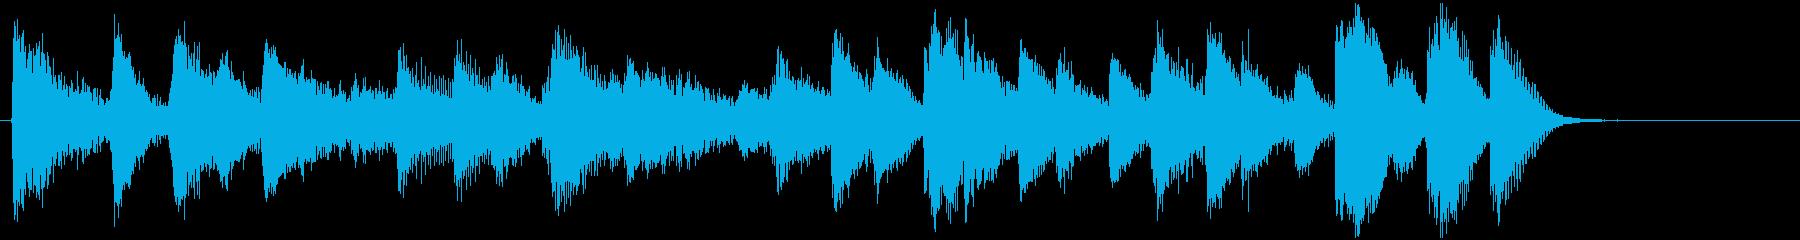 ブルース、ジャズ調ほのぼのジングル 8秒の再生済みの波形